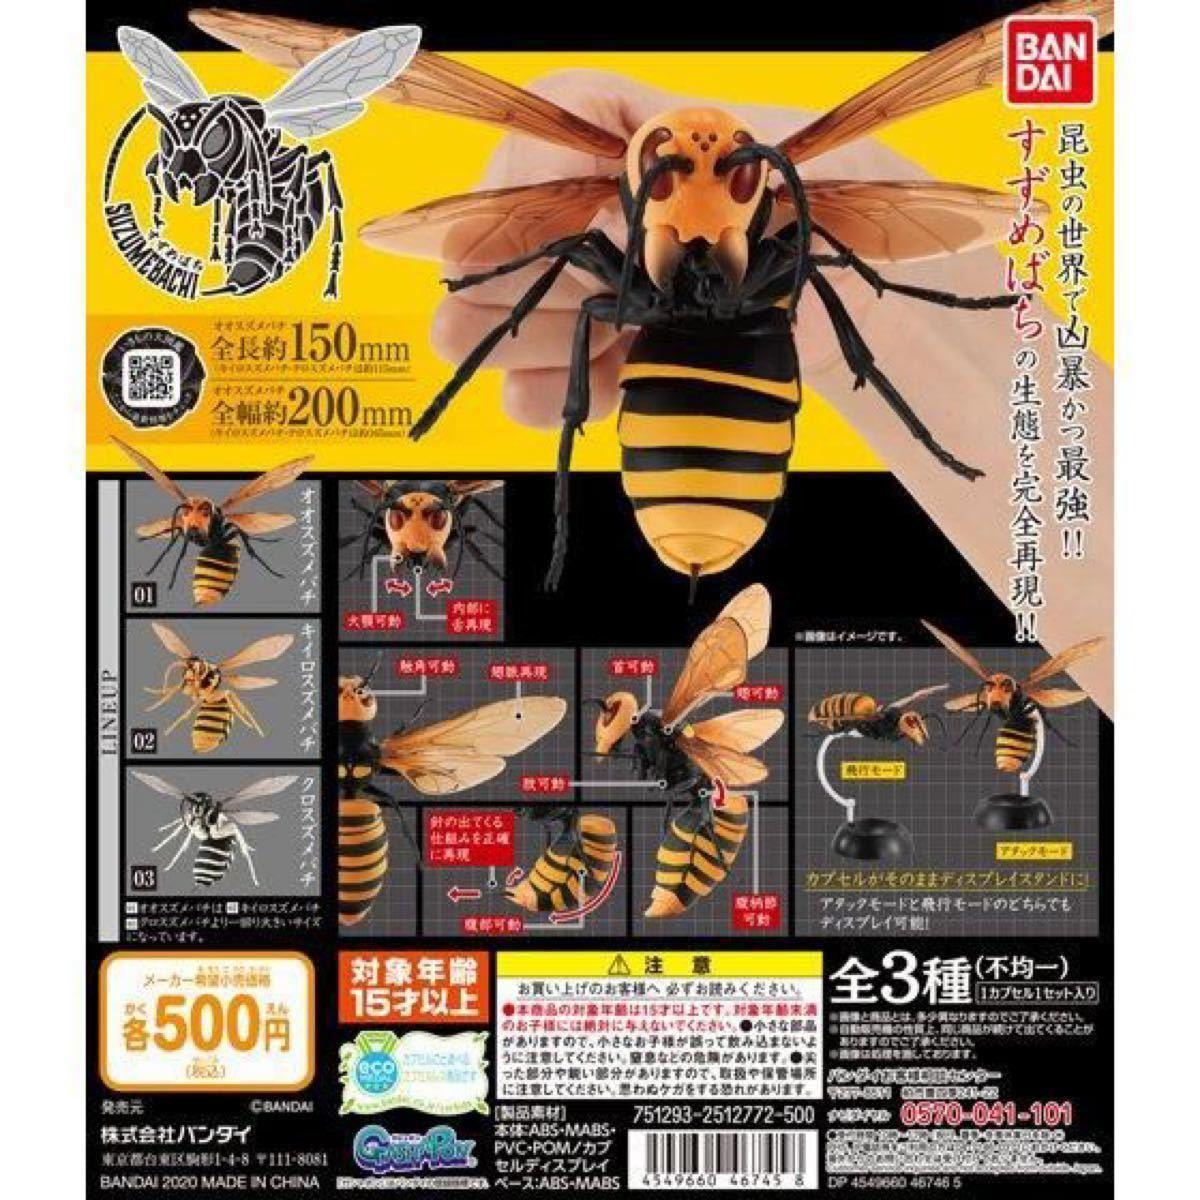 の ジガバチ 形 スズメバチ 大 科 ハチ の など 科